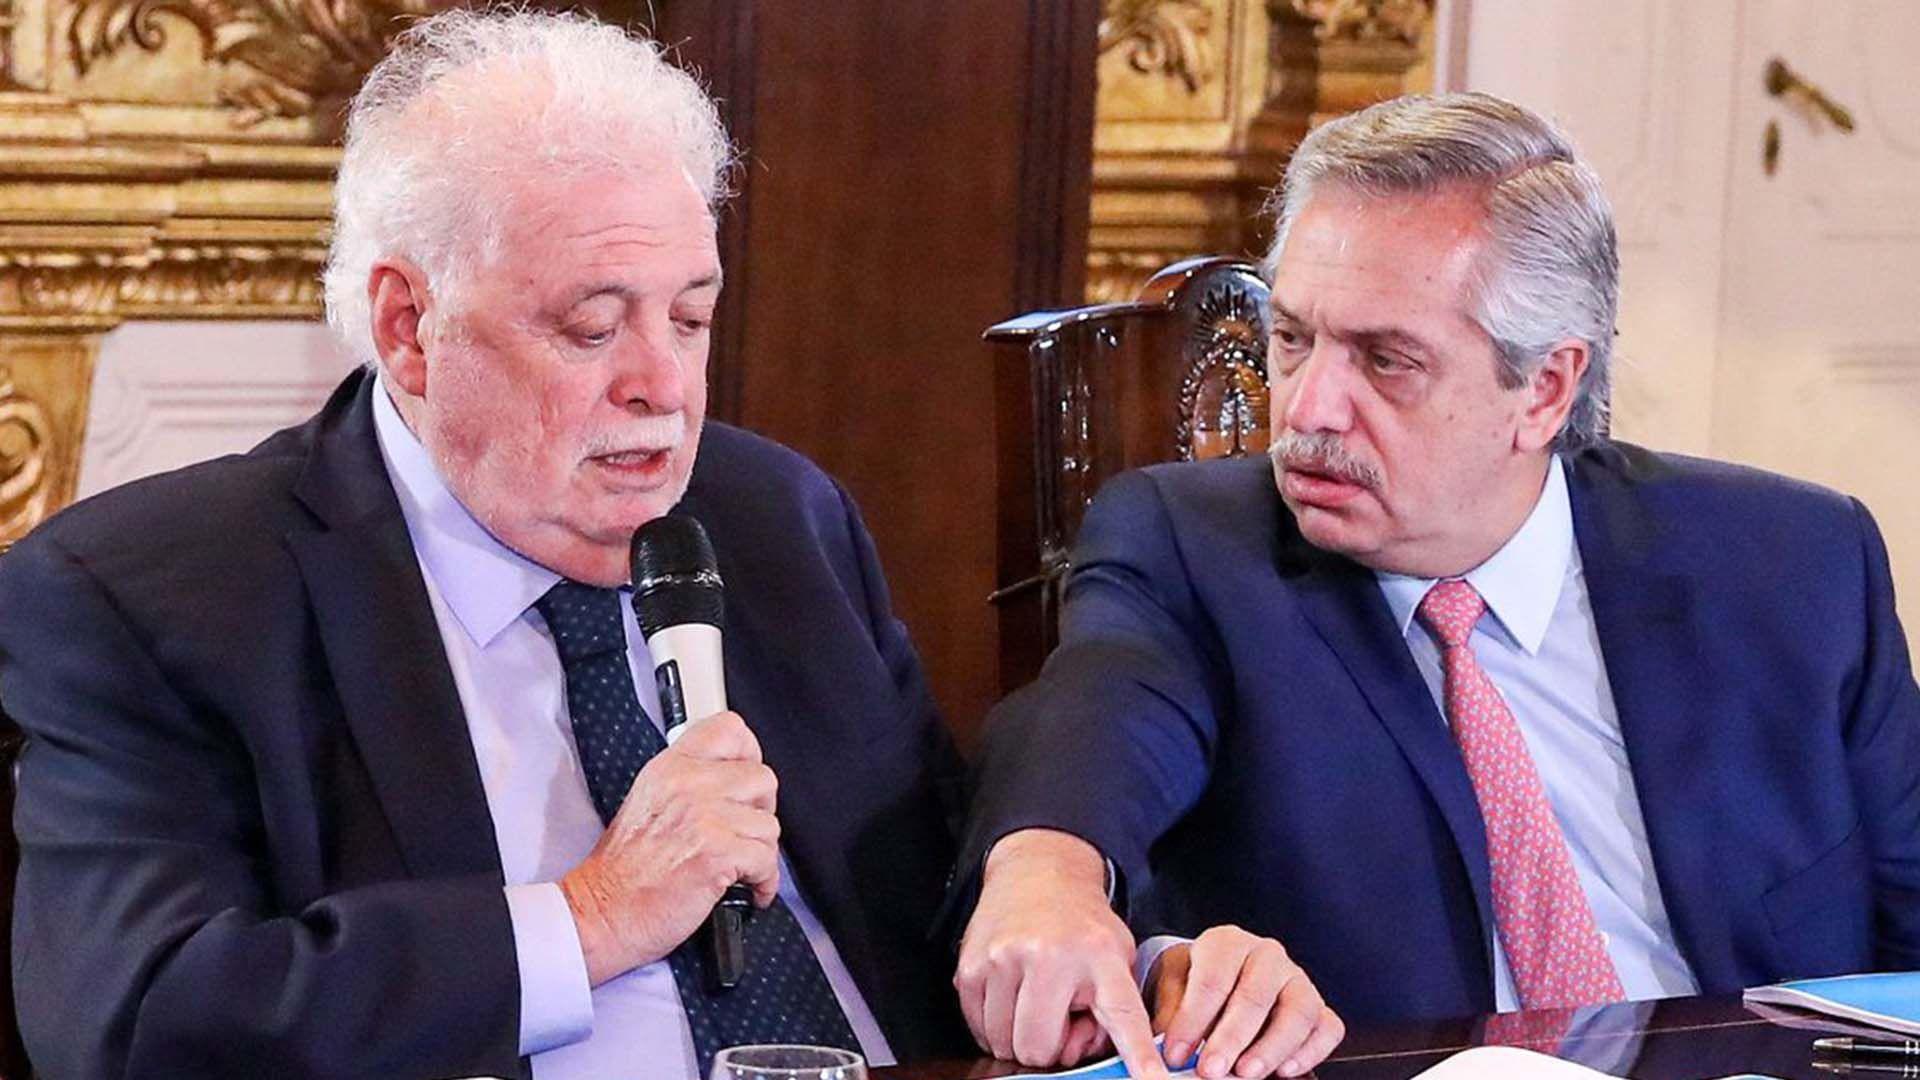 El ministro de Salud, Ginés González García, y el presidente, Alberto Fernández